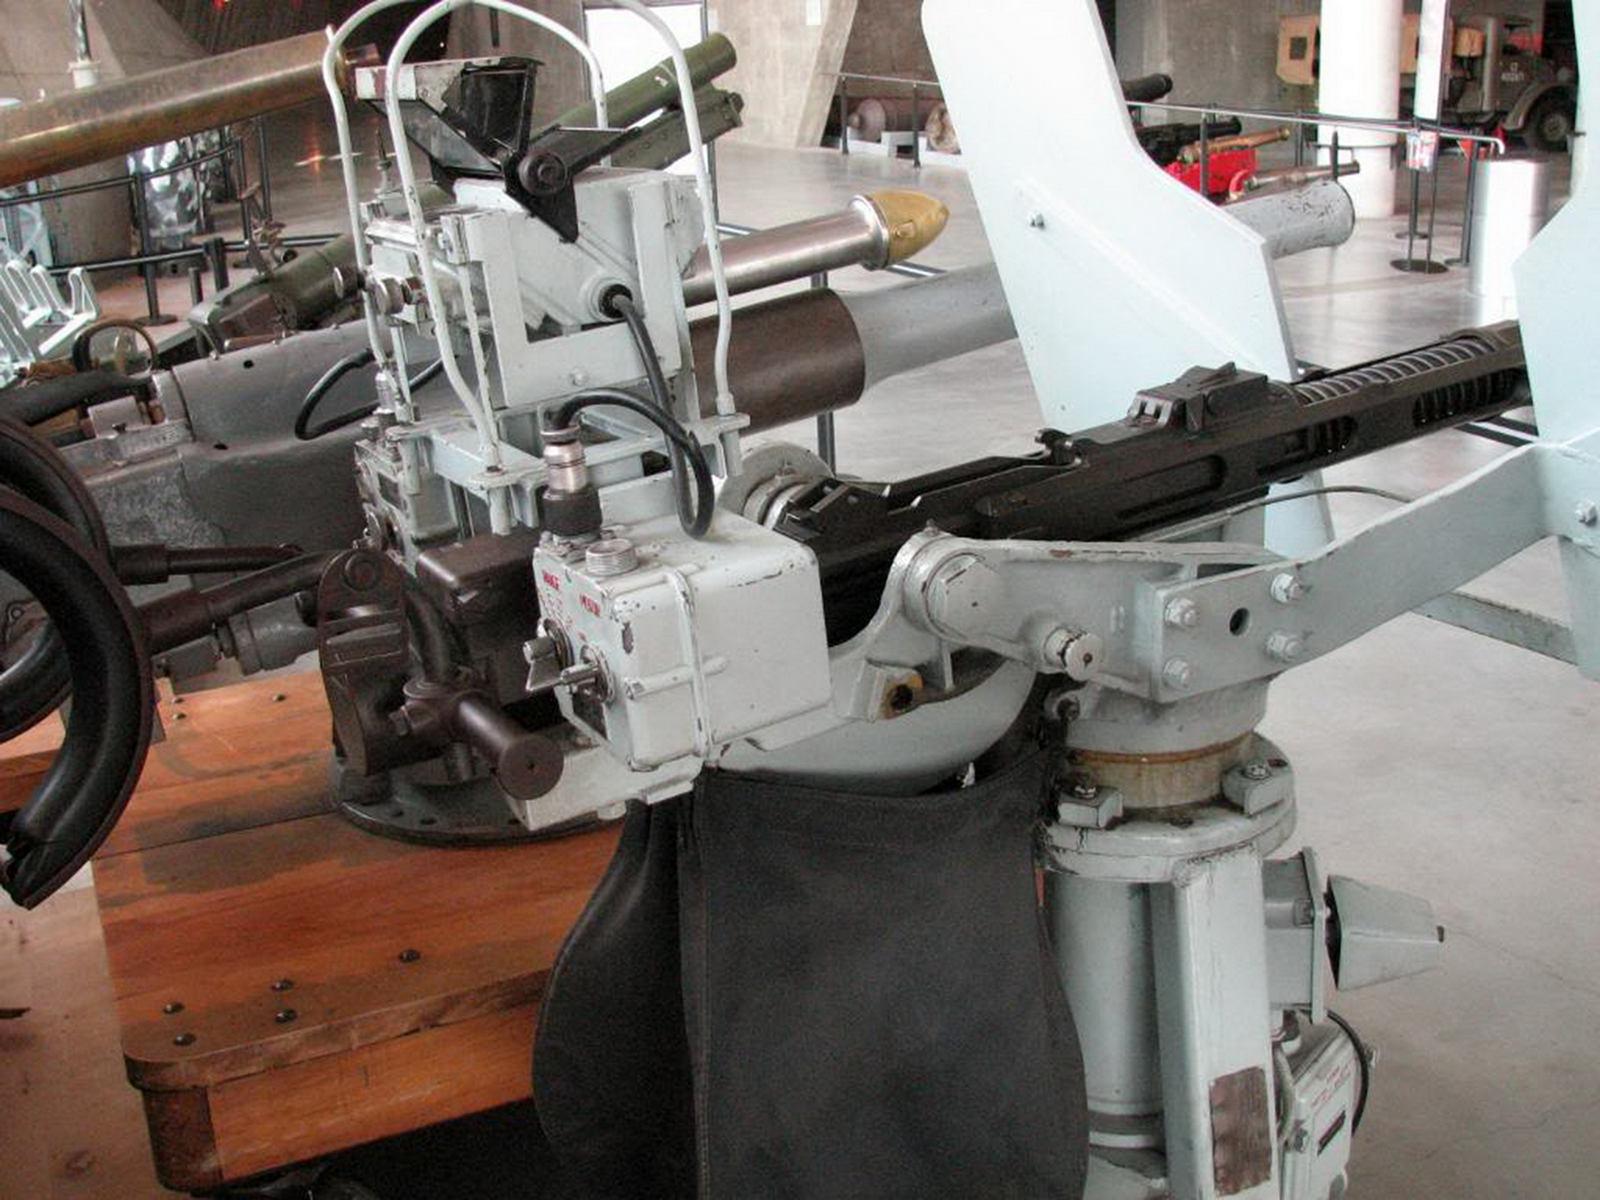 20mm Anti-Aircraft Gun (9)